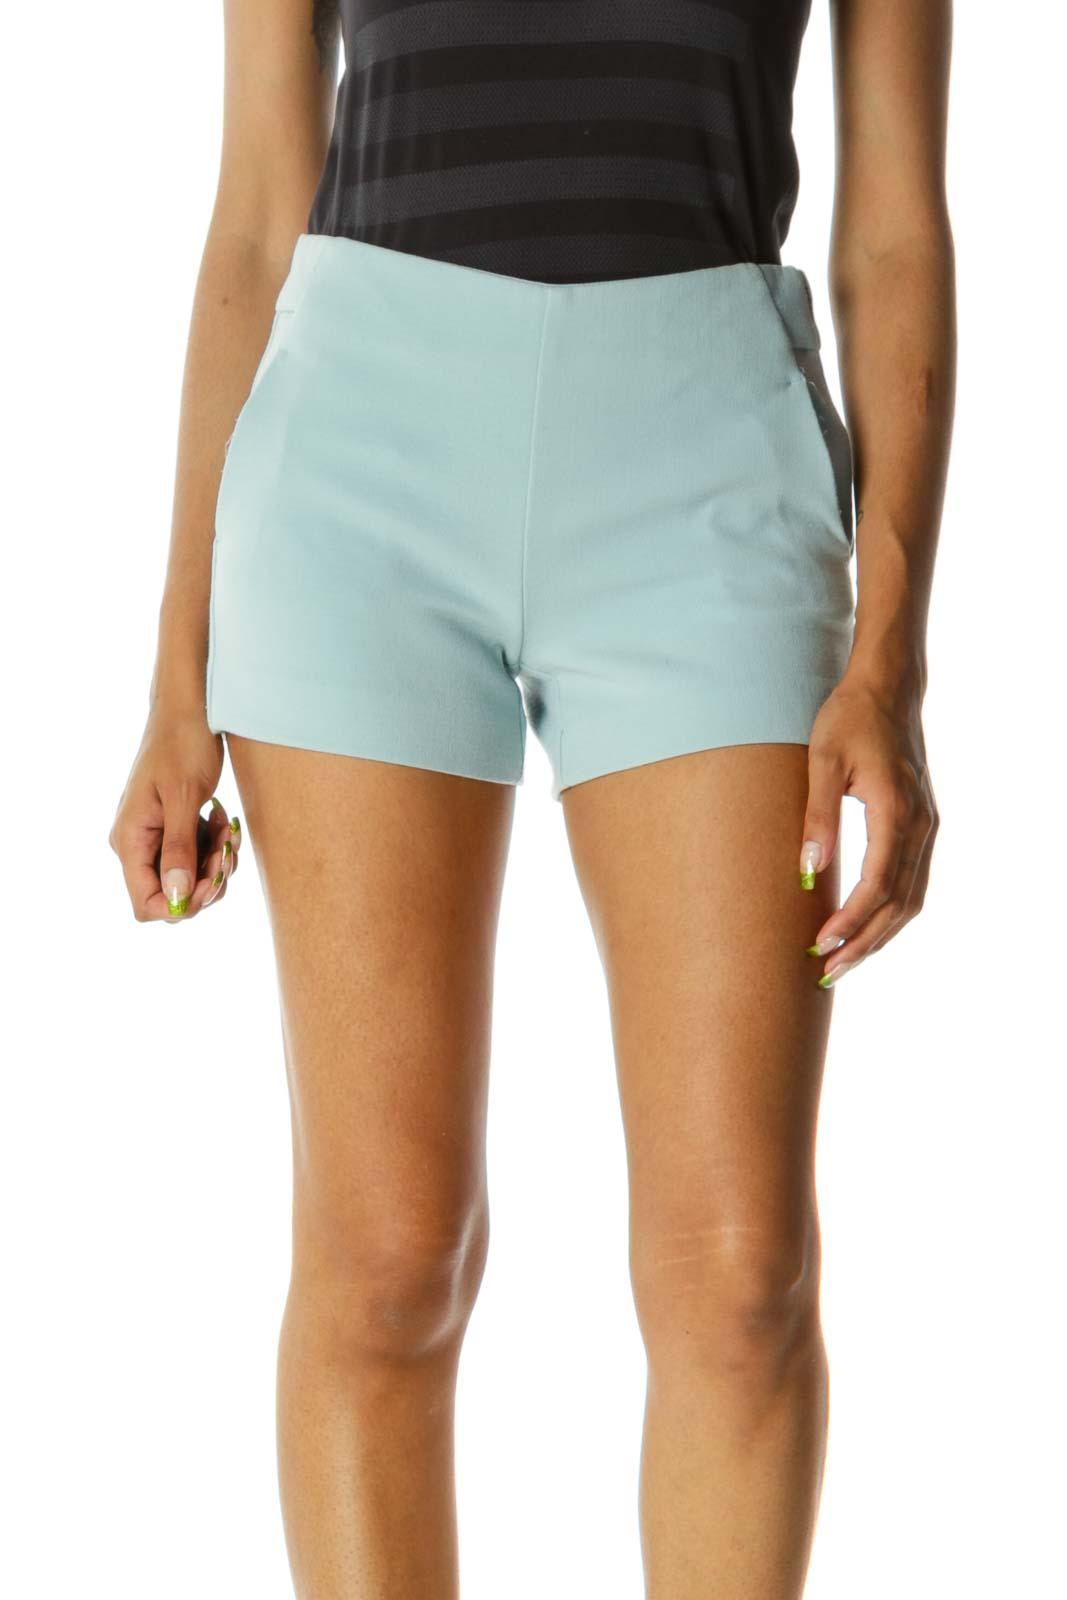 Mint Green High-Waist Shorts